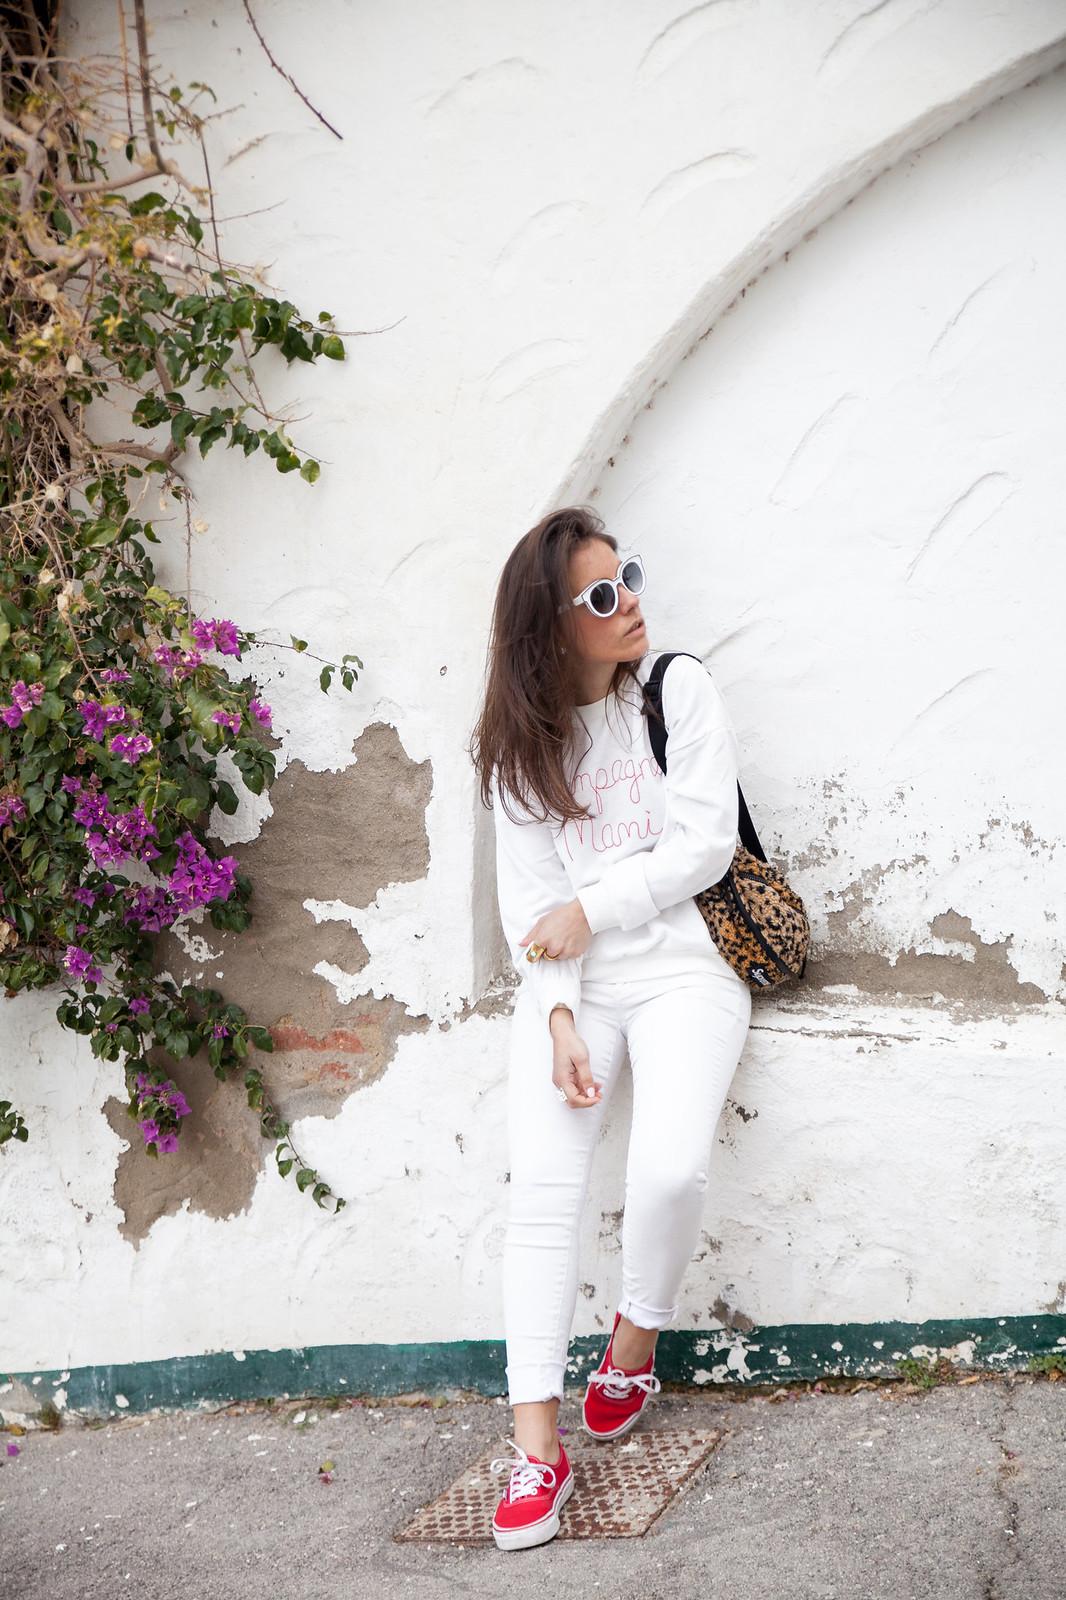 theguestgirl laura santolaria influencer barcelona spain influencer Supreme New York outfit riñonera de leopardo de Supreme nueva colección Champagne Mami Vans rojas